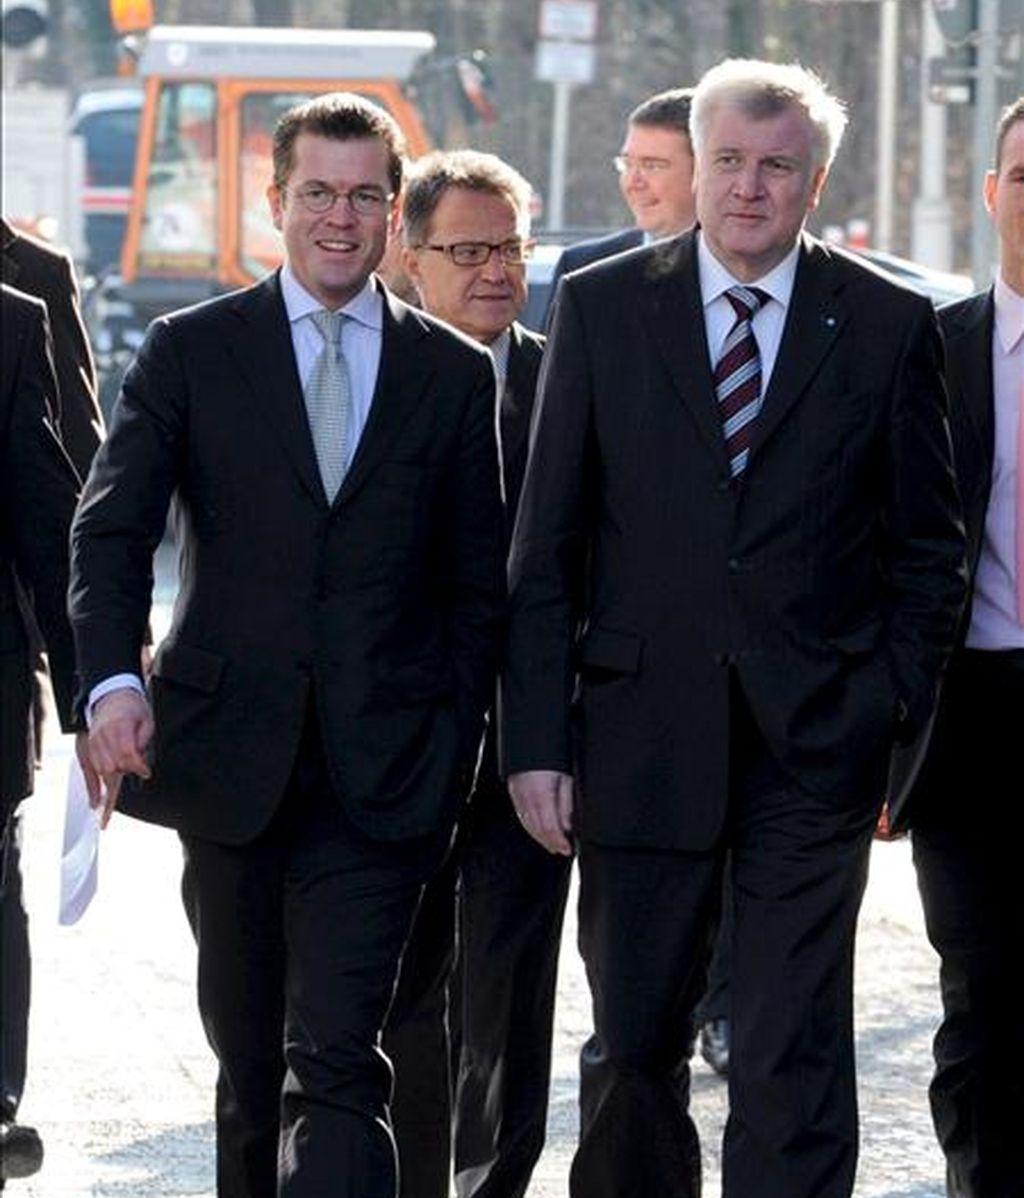 El secretario general de CSU, Karl-Theodor zu Guttenberg (i), llega hoy junto al presidente del partido y primer ministro de Baviera, Horst Seehofer, a una rueda de prensa en Múnich (Alemania). EFE